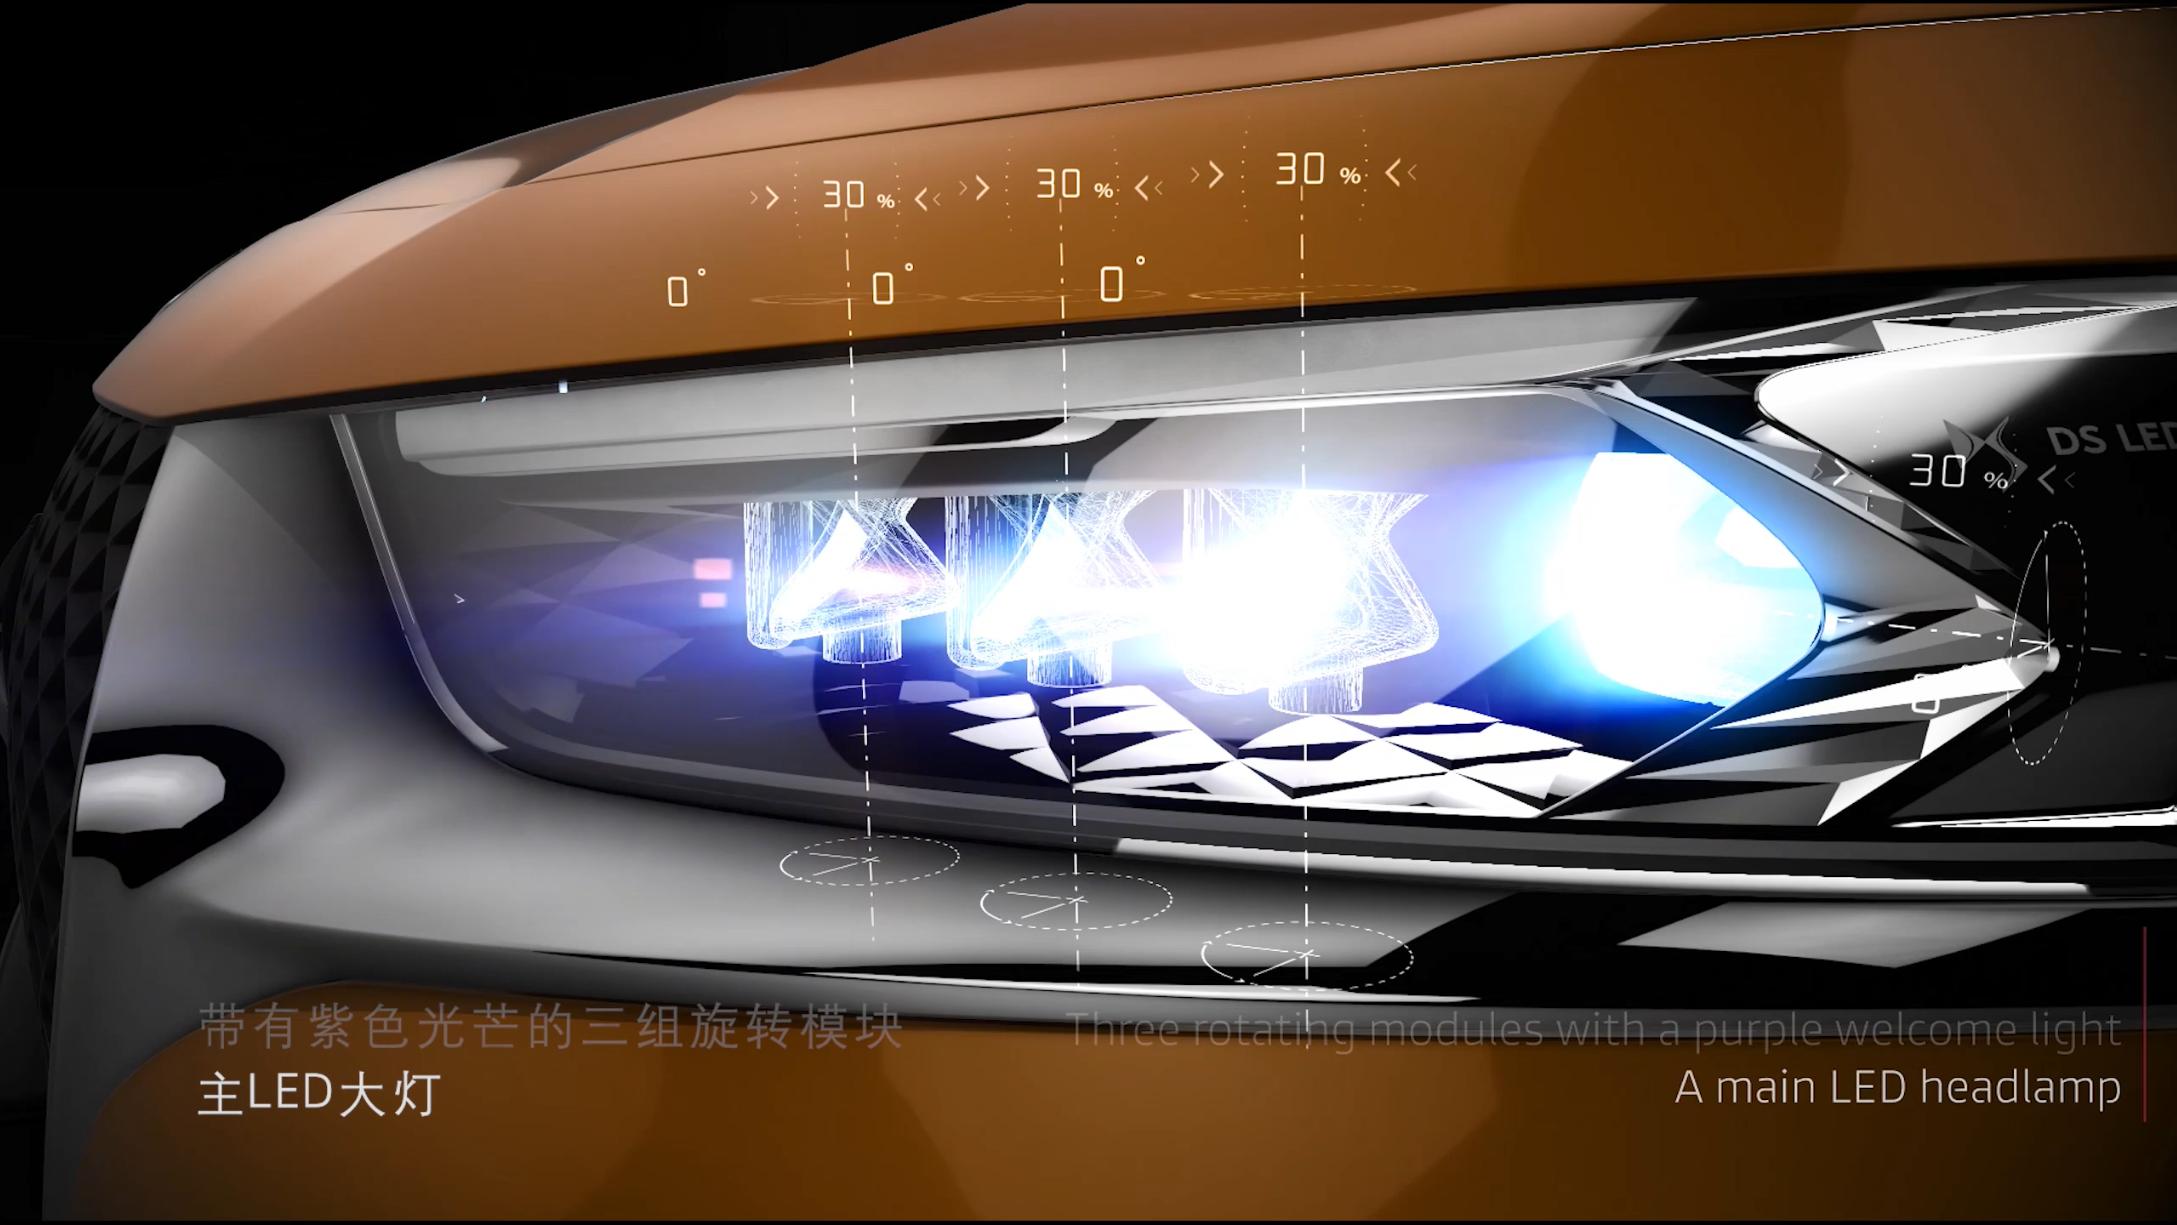 DS7 LED大灯展示